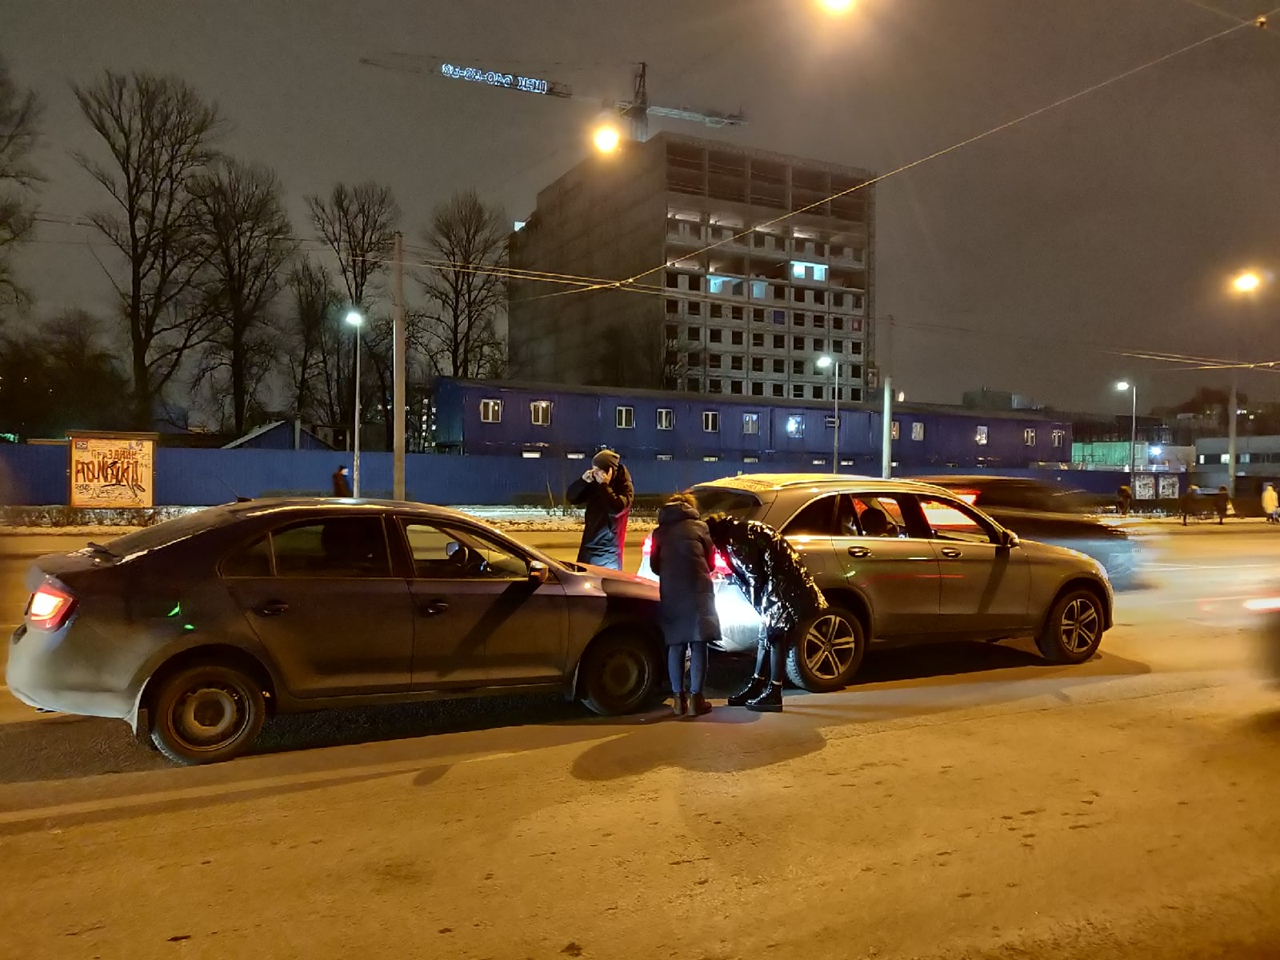 Двое нашли друг друга опять напротив Кировского завода. (средний ряд) (каршеринг не виноват)